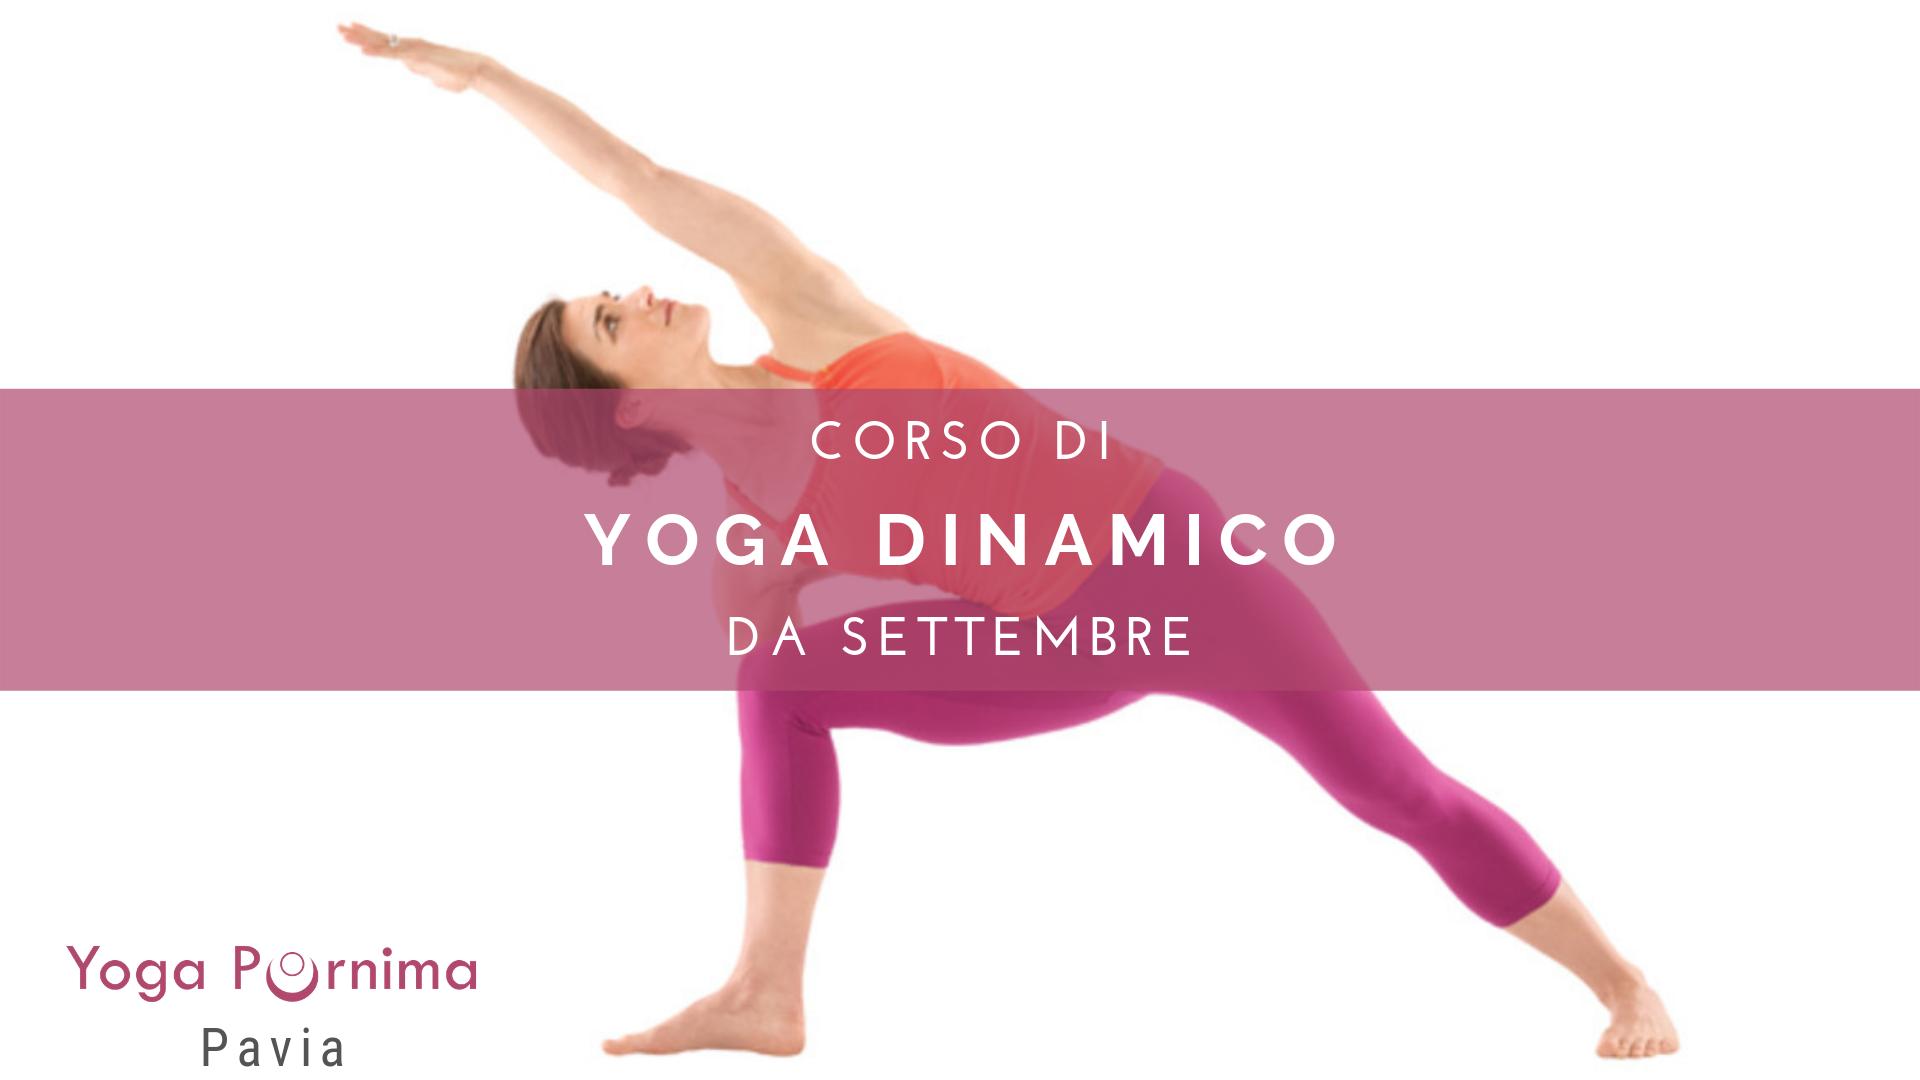 Ricominciano i corsi di Yoga dinamico!